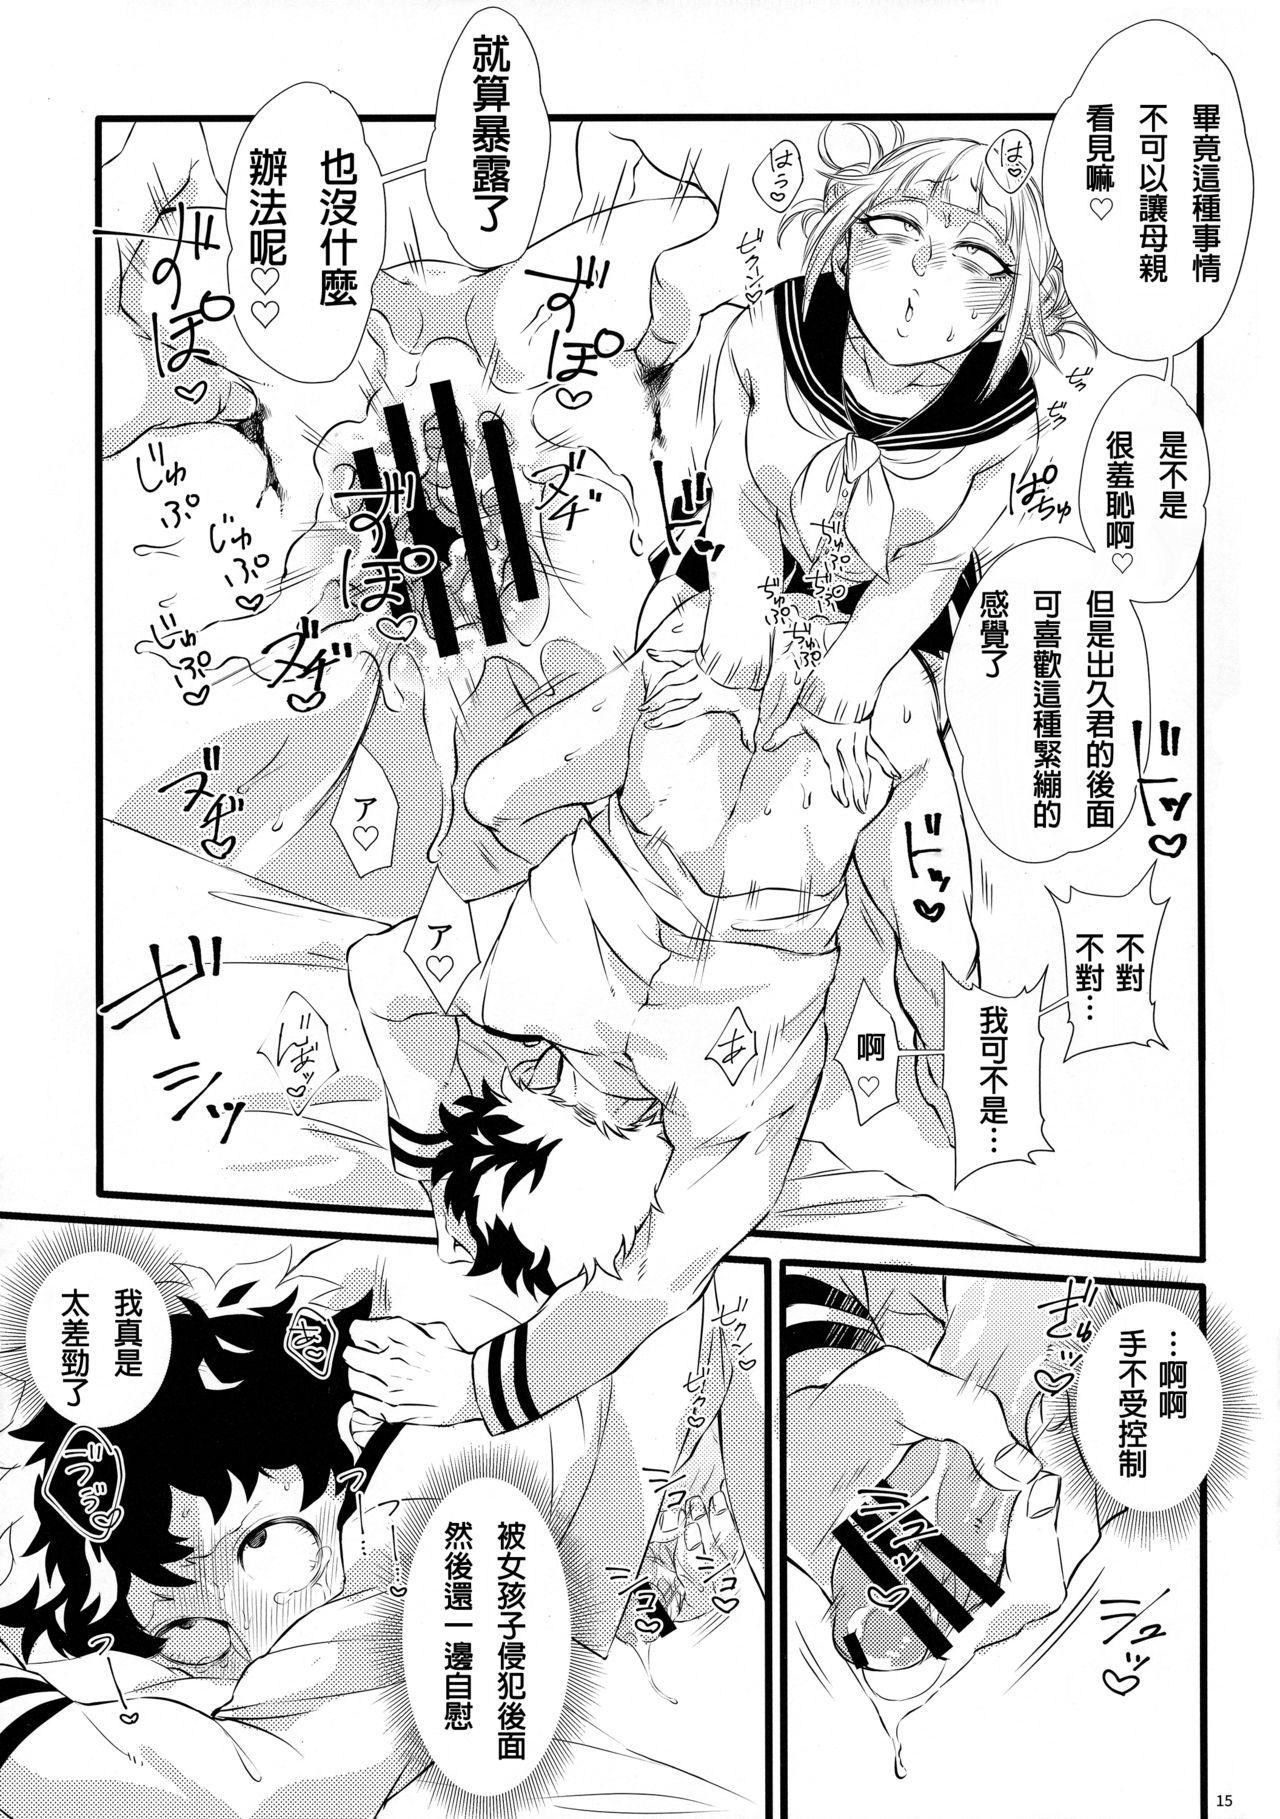 (Douyara Deban no Youda! 16) [Mekao (Den Meka)] Toga-chan to Deku-kun (Boku no Hero Academia) [Chinese] [沒有漢化] 14